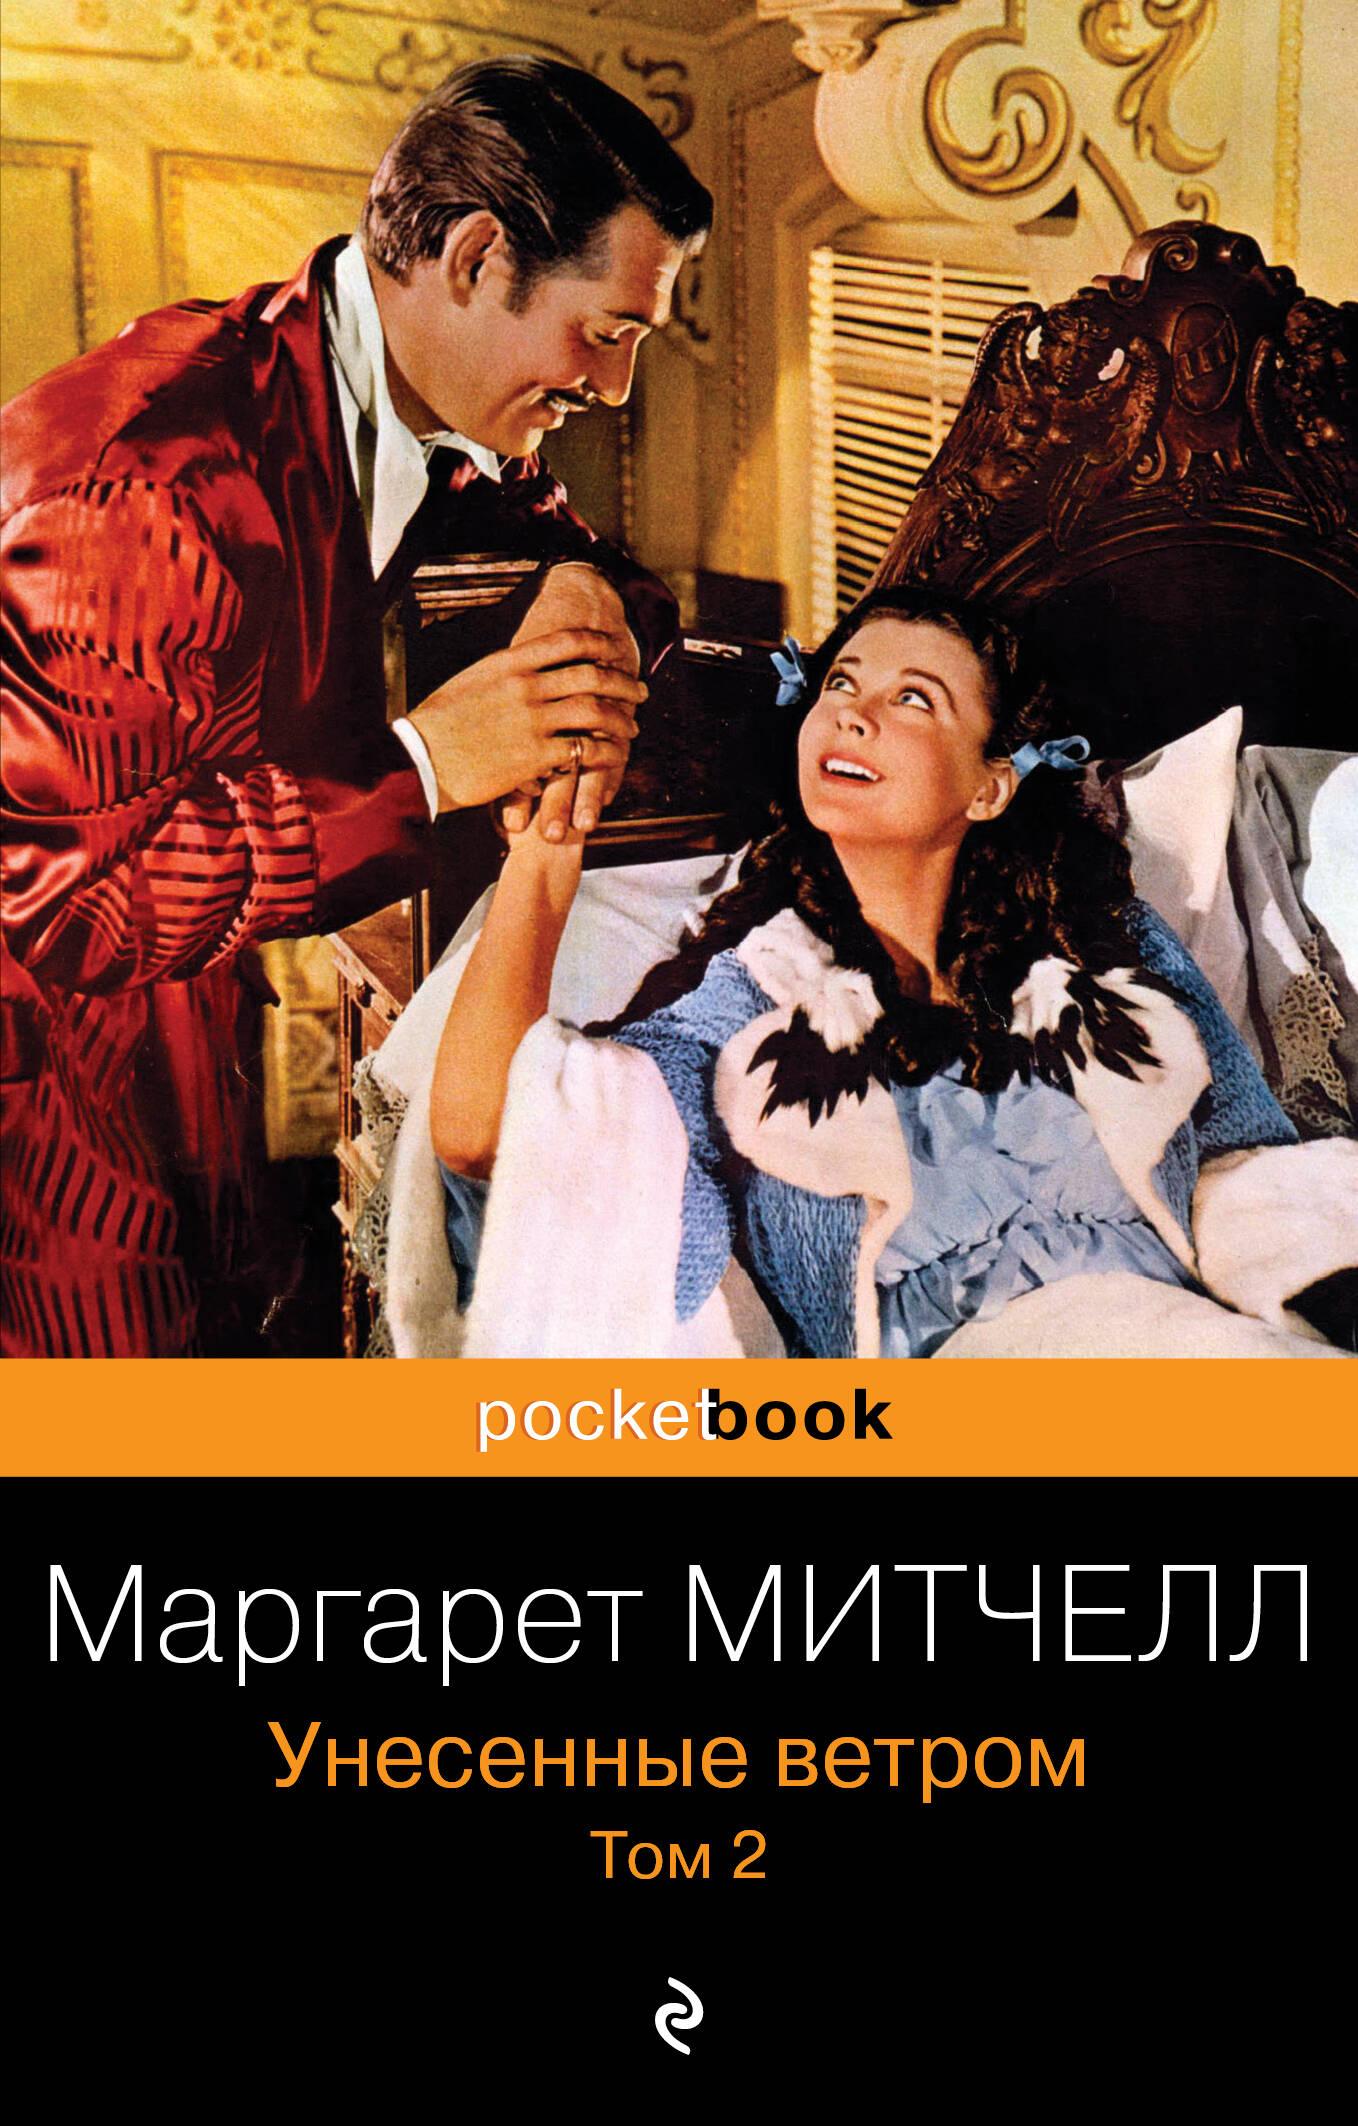 КНИГА МАРГАРЕТ МИТЧЕЛЛ УНЕСЕННЫЕ ВЕТРОМ СКАЧАТЬ БЕСПЛАТНО